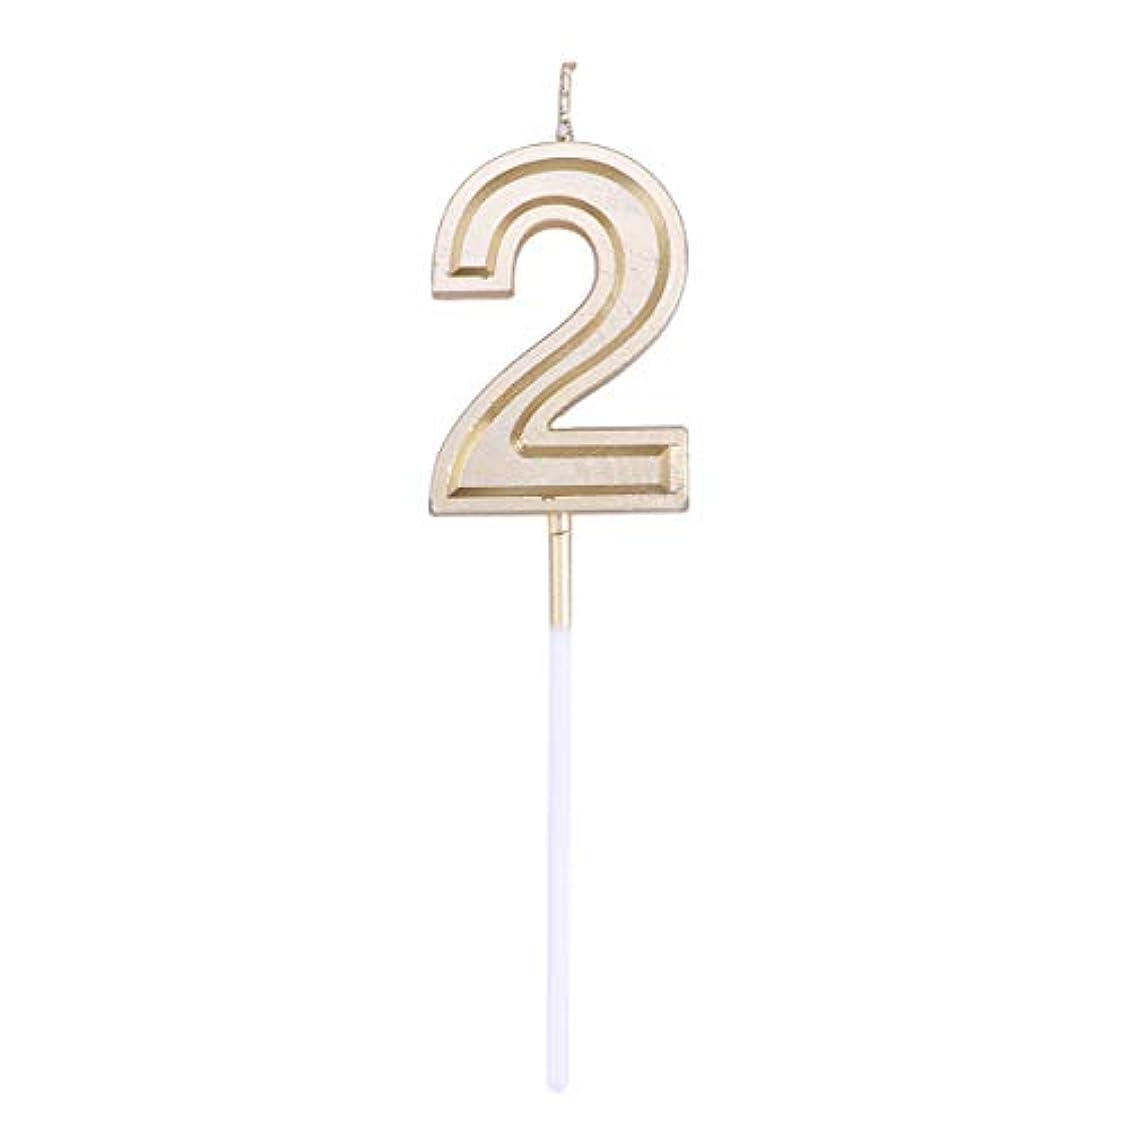 半島インセンティブ悔い改めるToyvian ゴールドラメ誕生日おめでとう数字キャンドル番号キャンドルケーキトッパー装飾用大人キッズパーティー(ナンバー2)